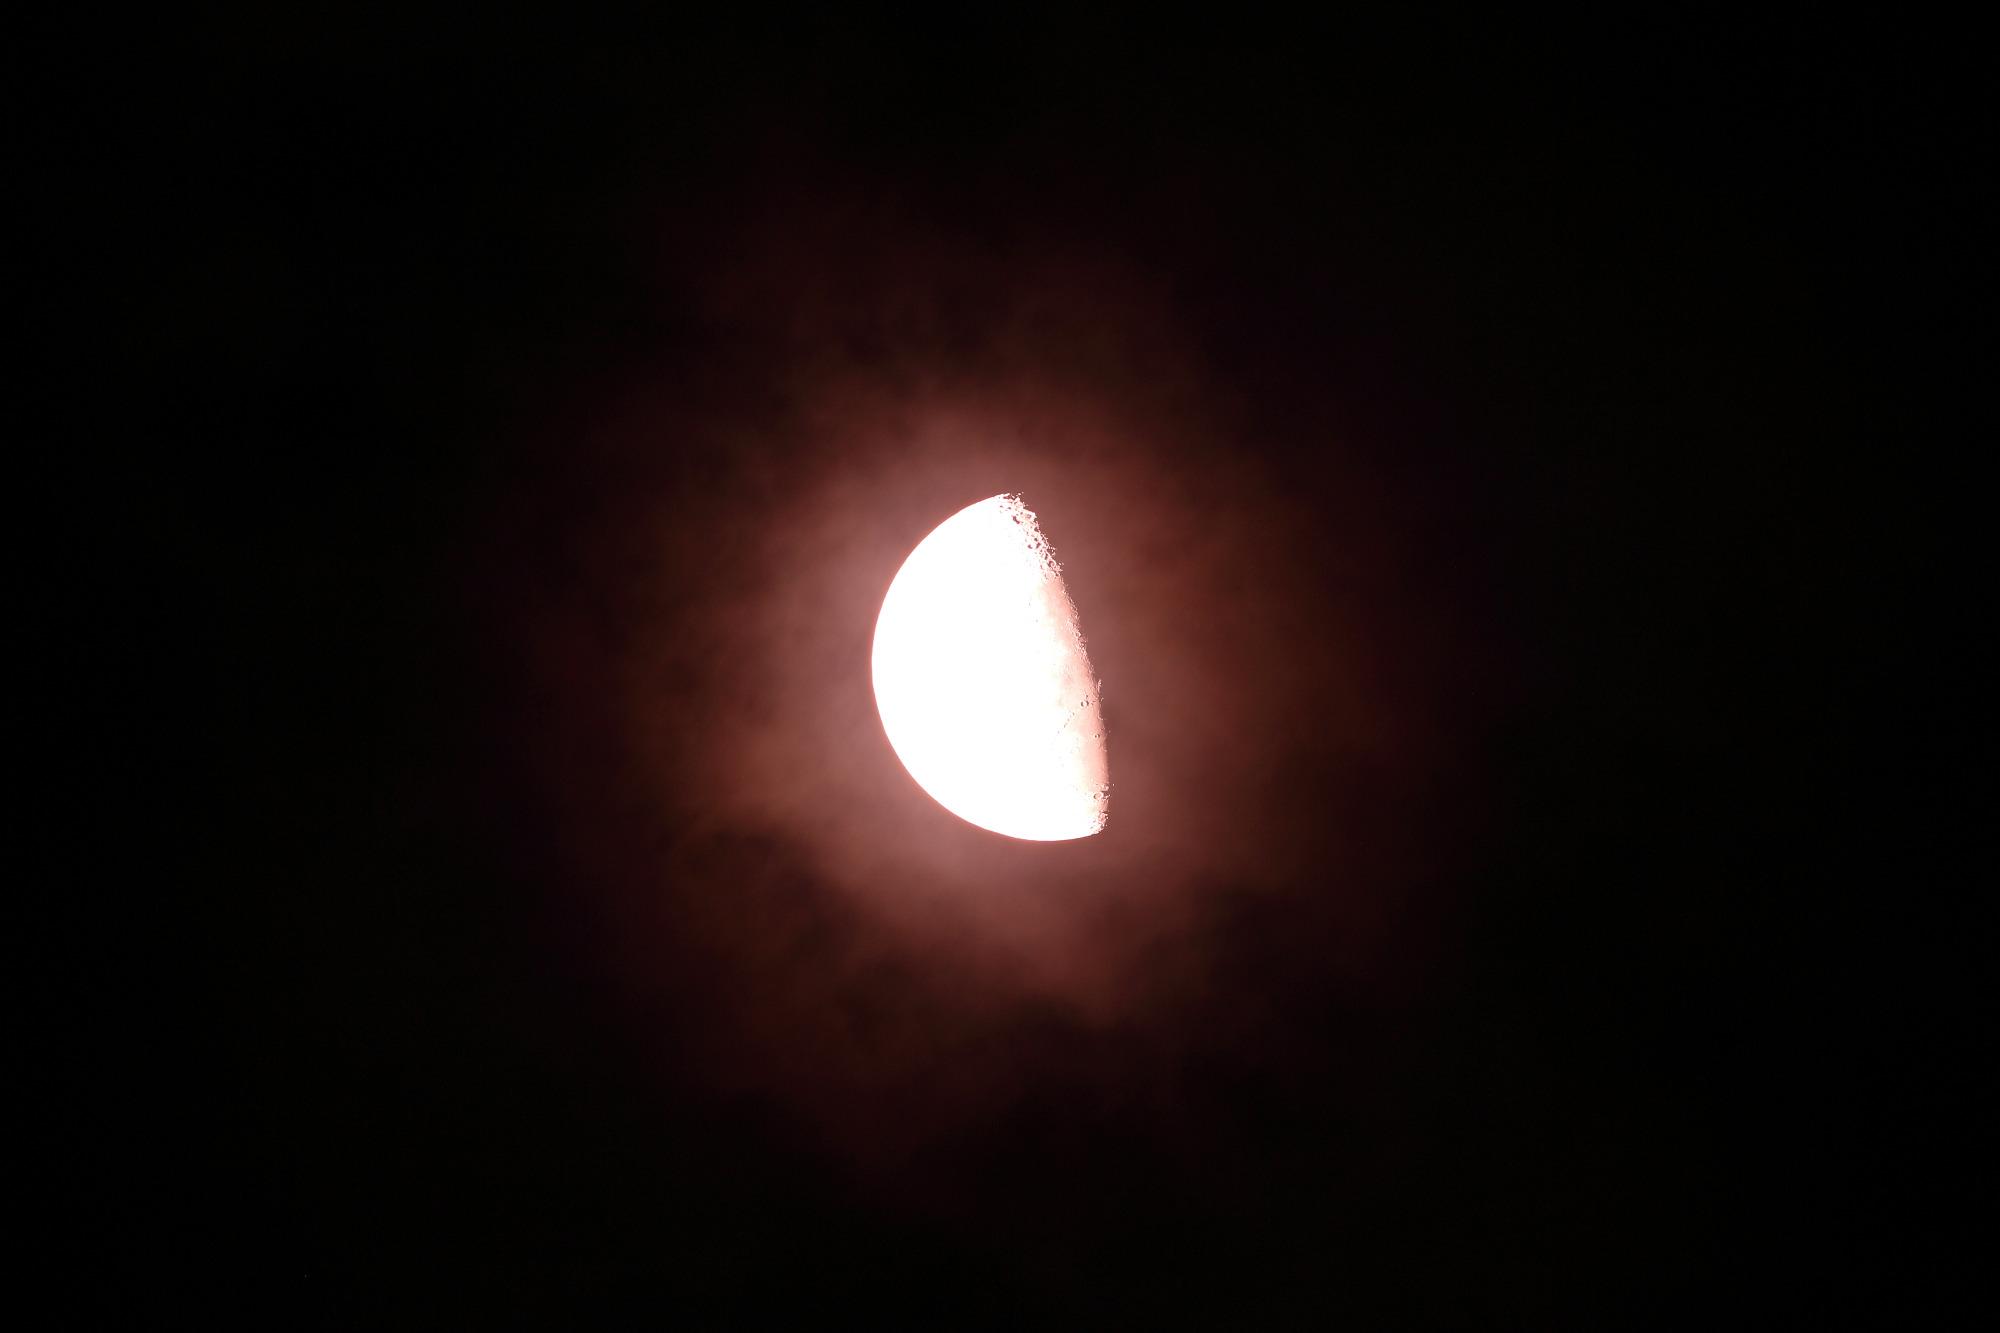 Moon_Light_0.000_secs_2019-04-13T21-44-59_001.JPG